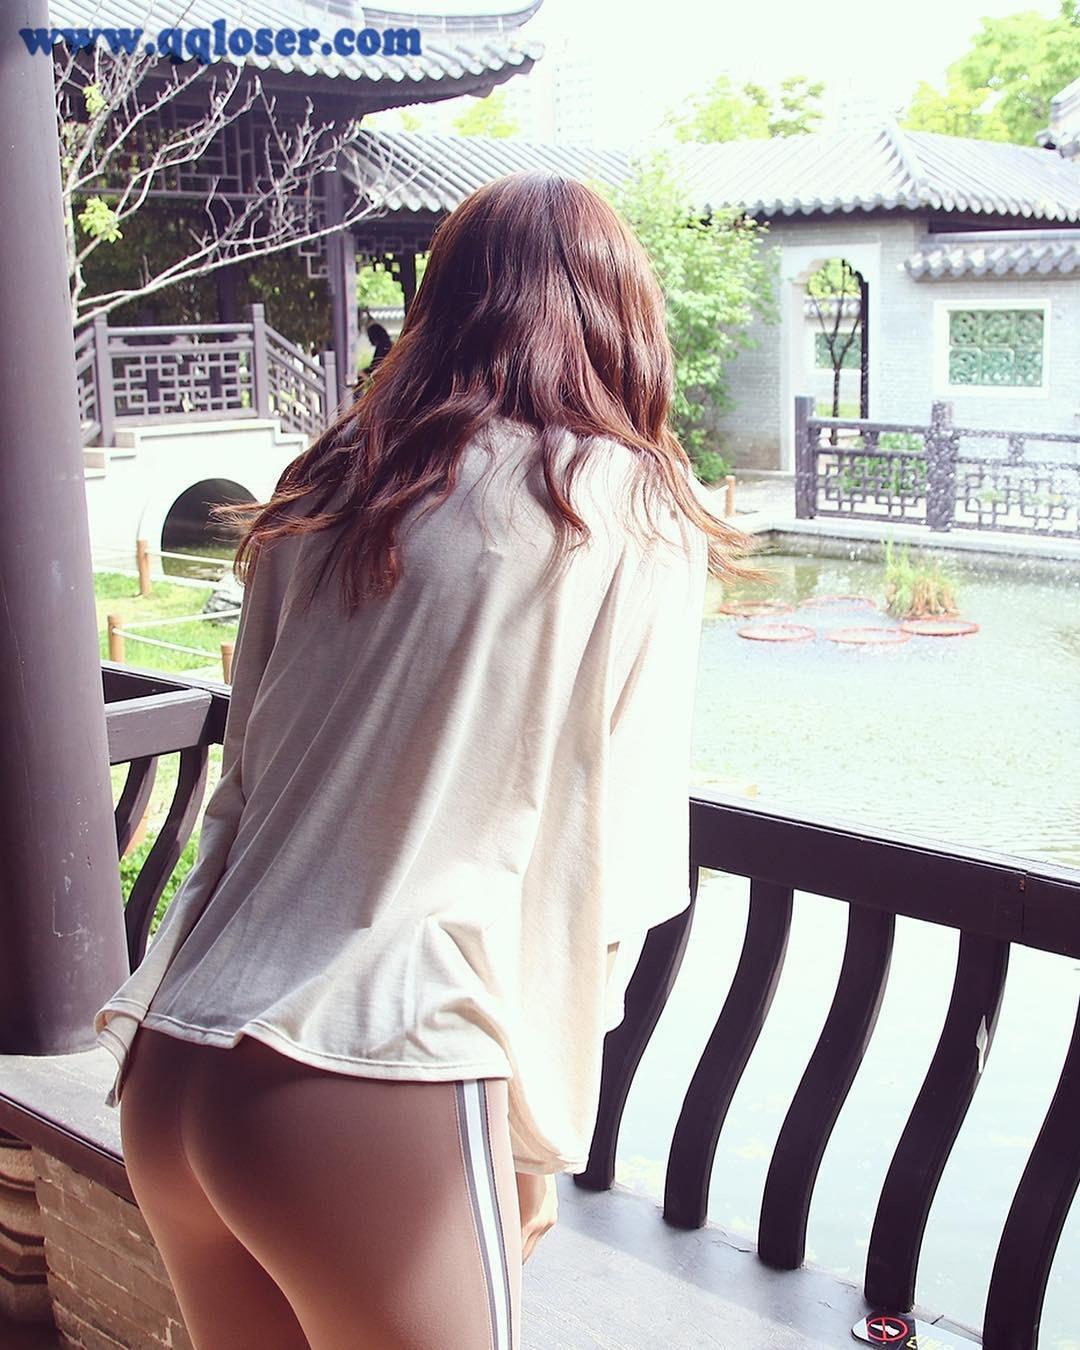 韩国人气较高的网红妹纸avril2day,背影桃心臀是她的杀手锏!